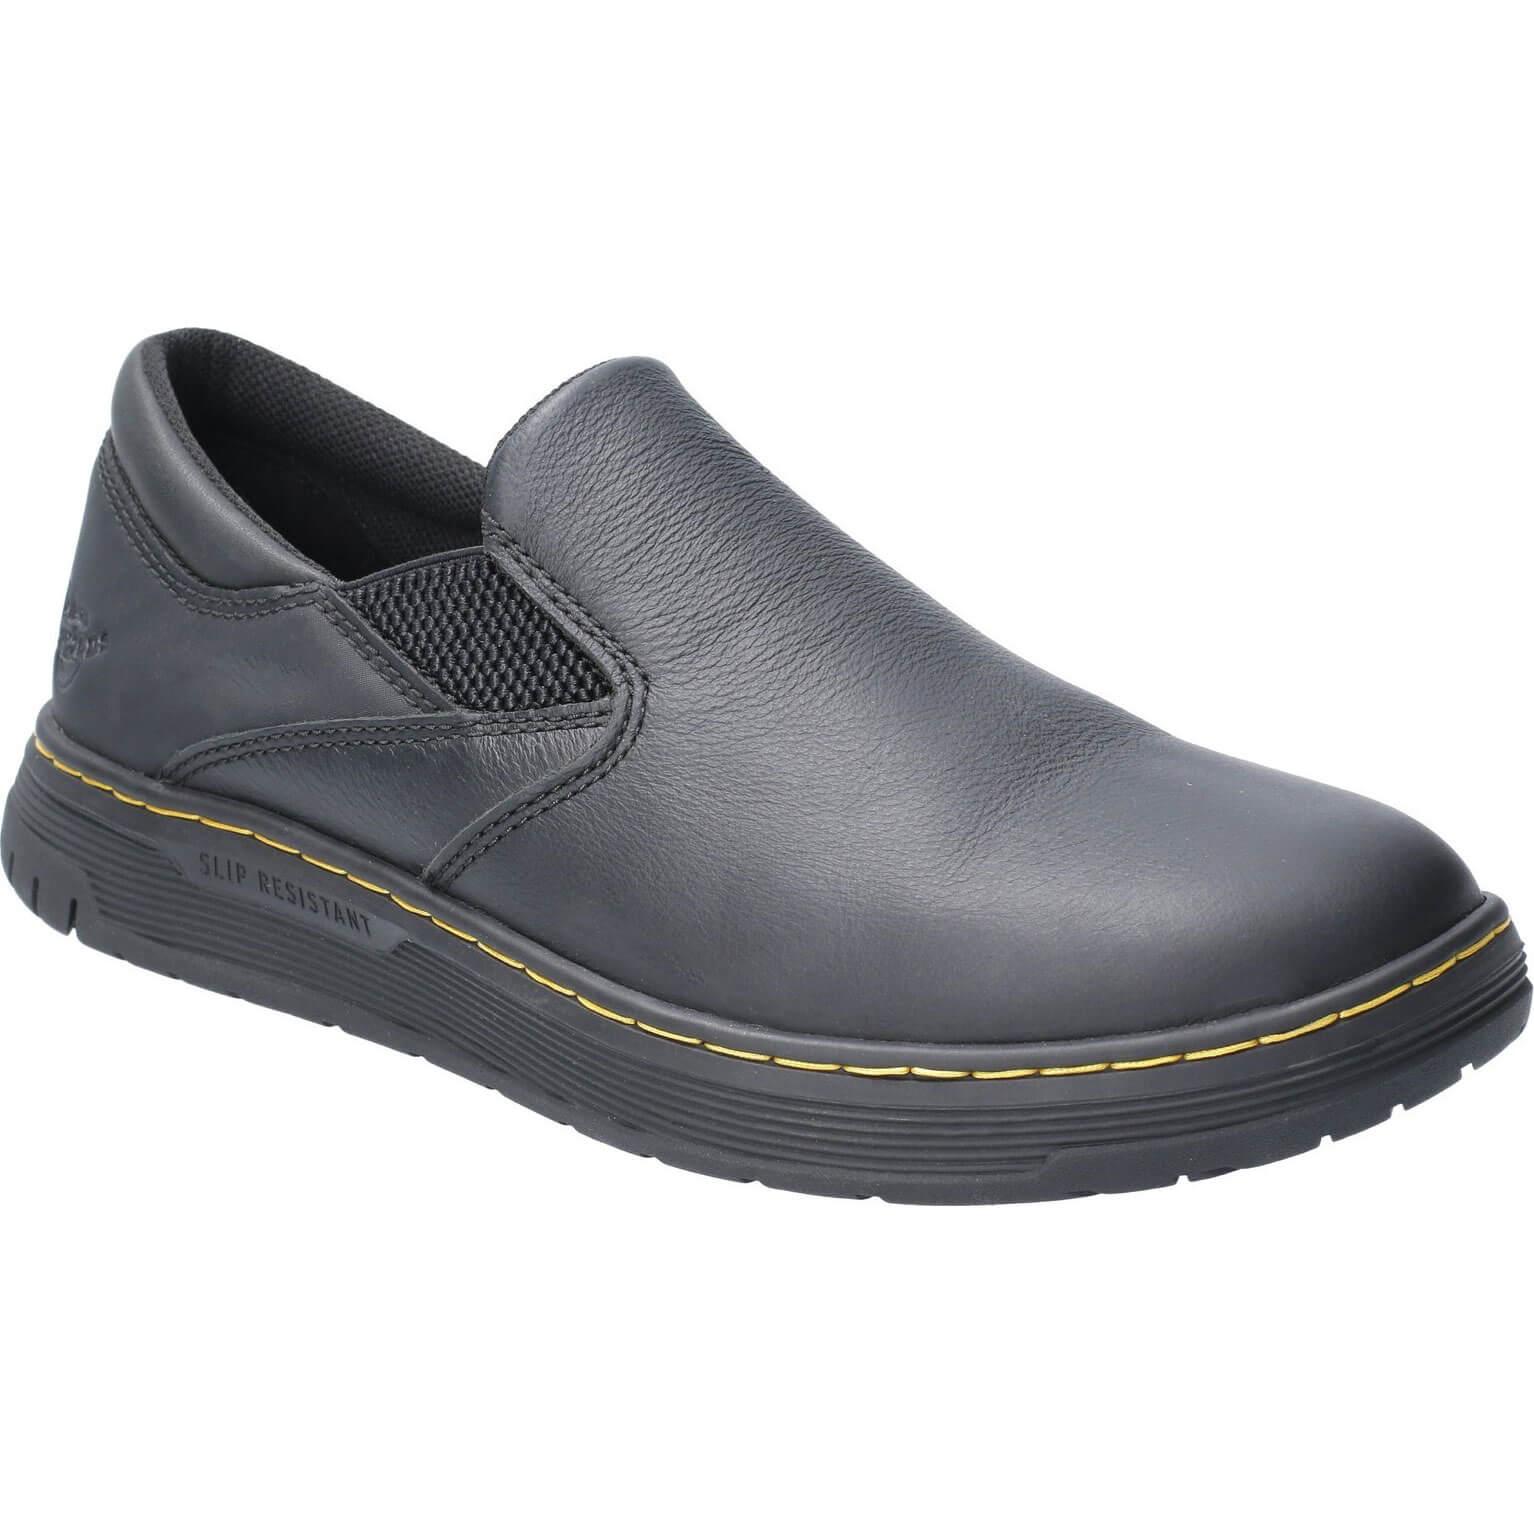 Image of Dr Martens Brockley Slip On Shoe Black Size 11